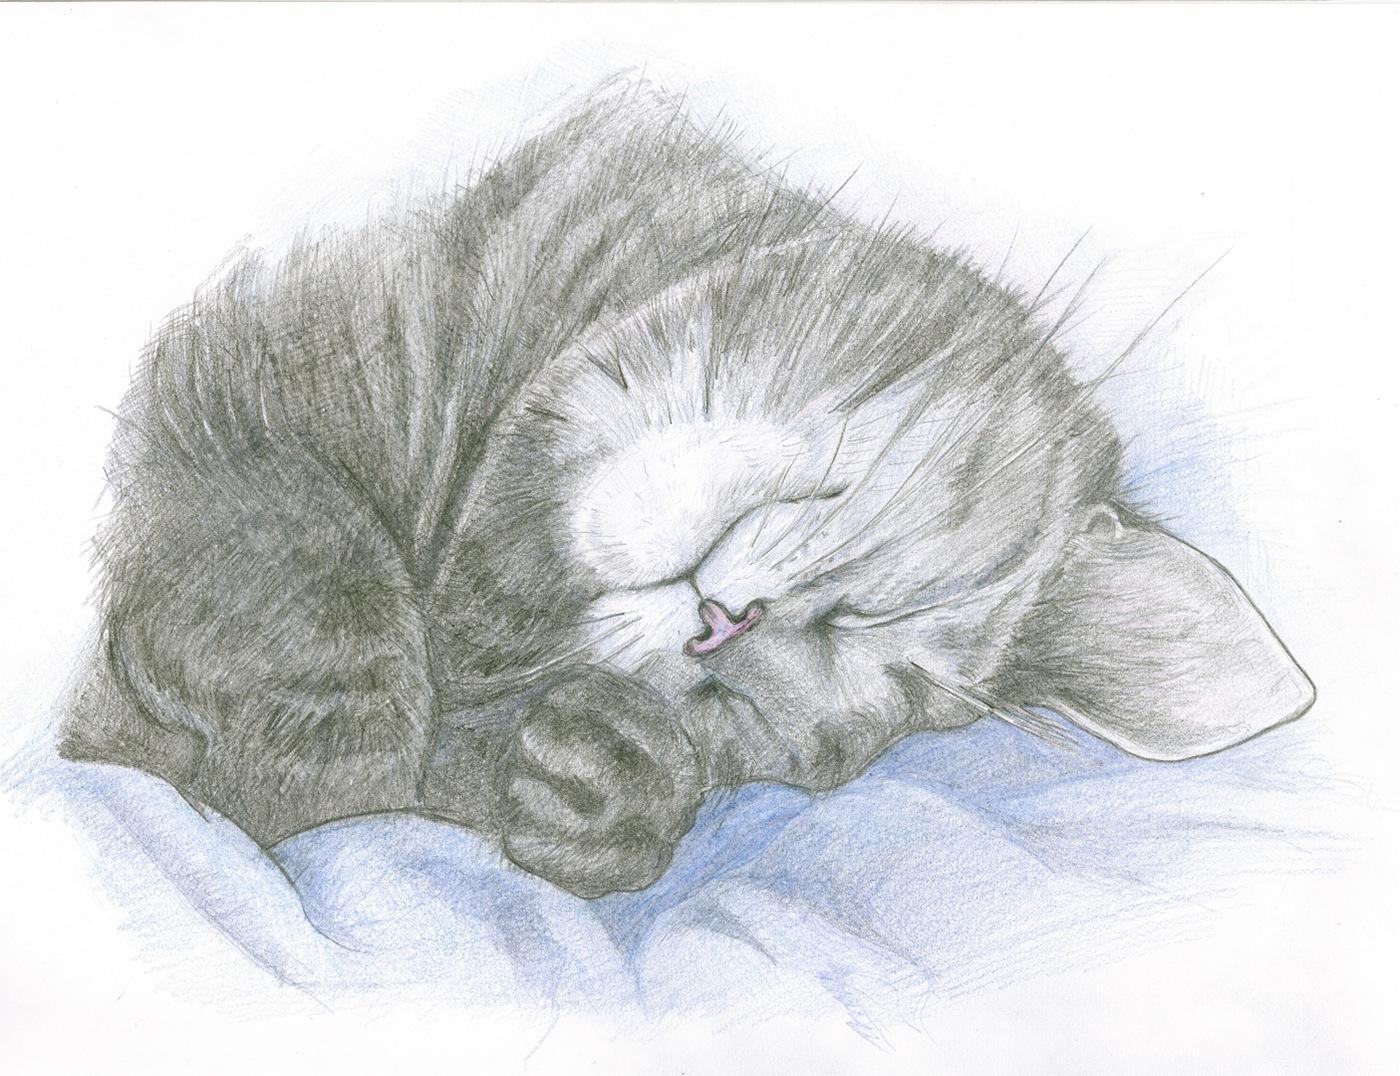 Спящая кошка картинка нарисованная